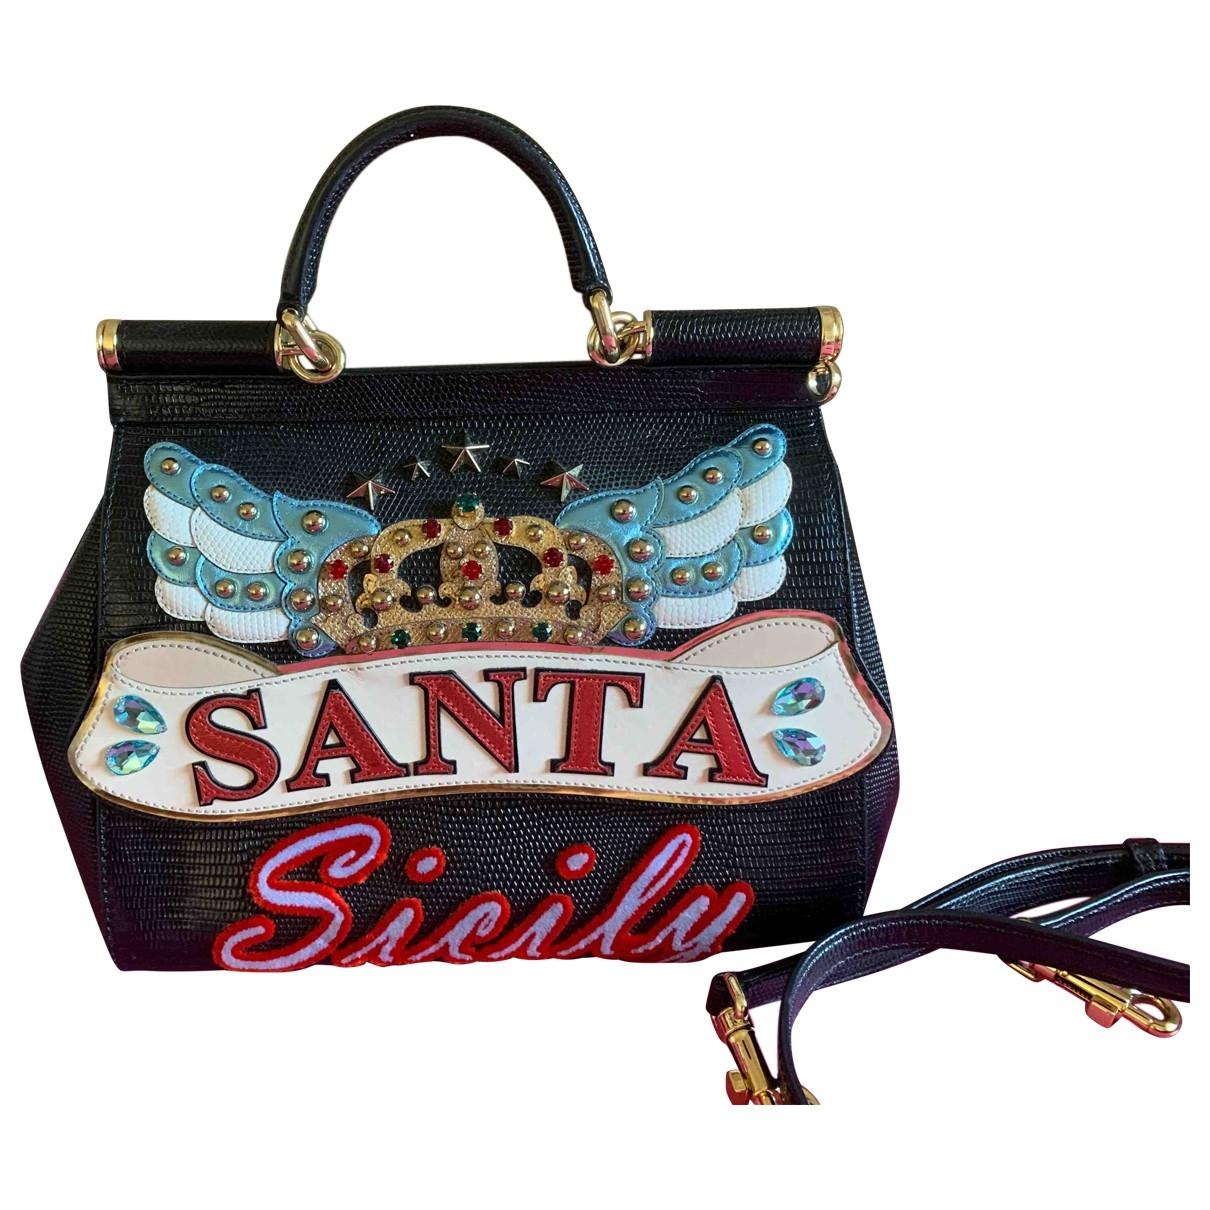 Dolce & Gabbana Sicily Handtasche in  Schwarz Leder